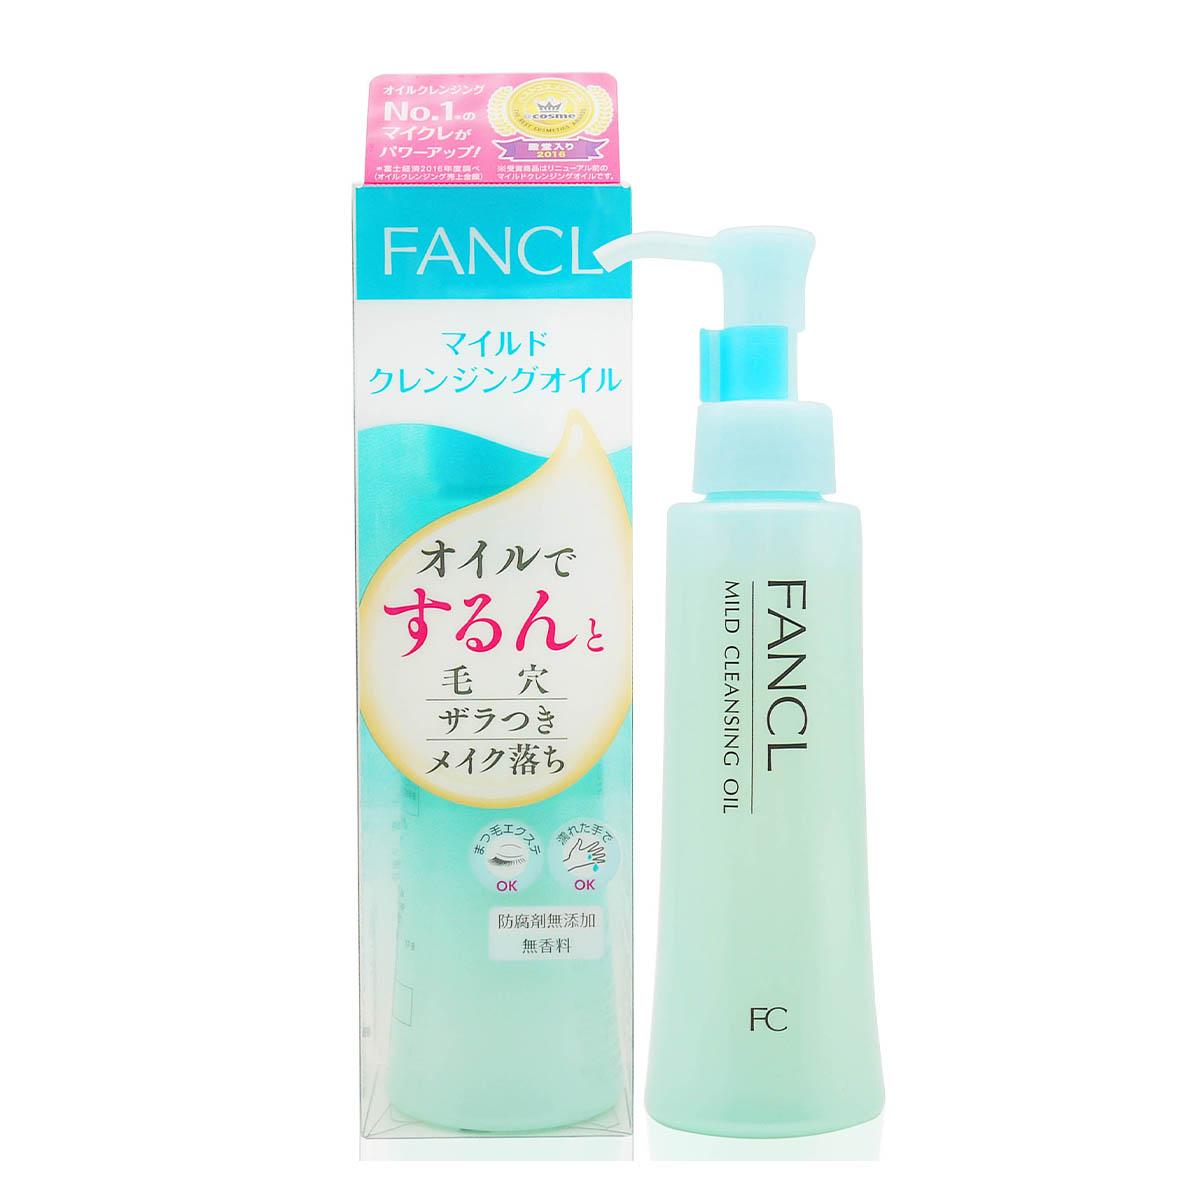 FANCL 芳珂 MCO速淨卸粧液 卸妝油 120ml 現貨【SP嚴選家】